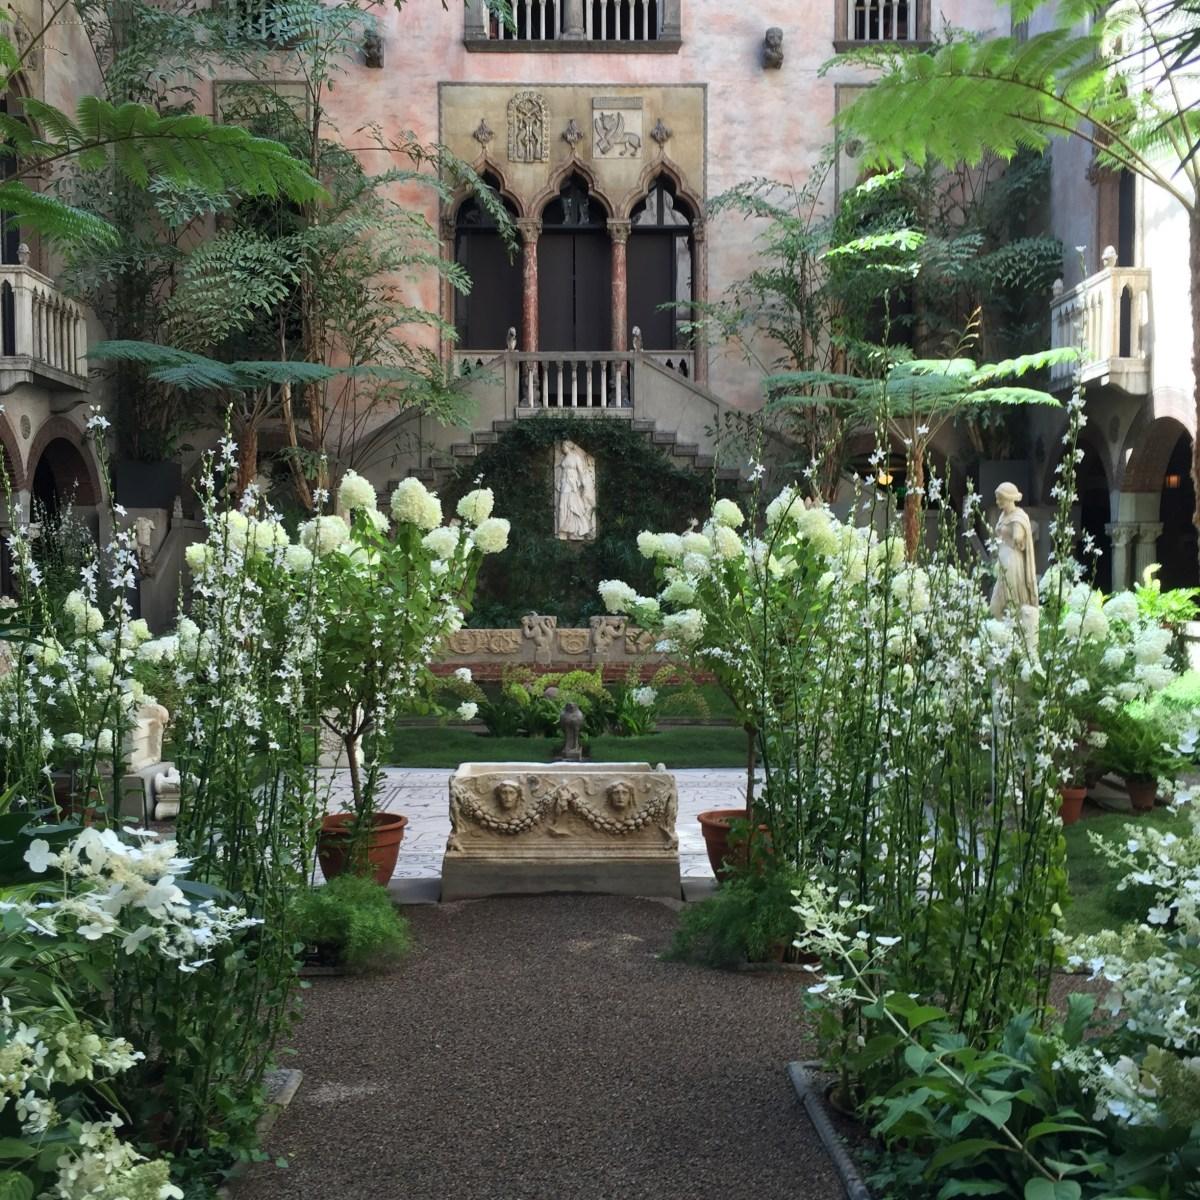 courtyard-white-allee-isabella-stewart-gardner